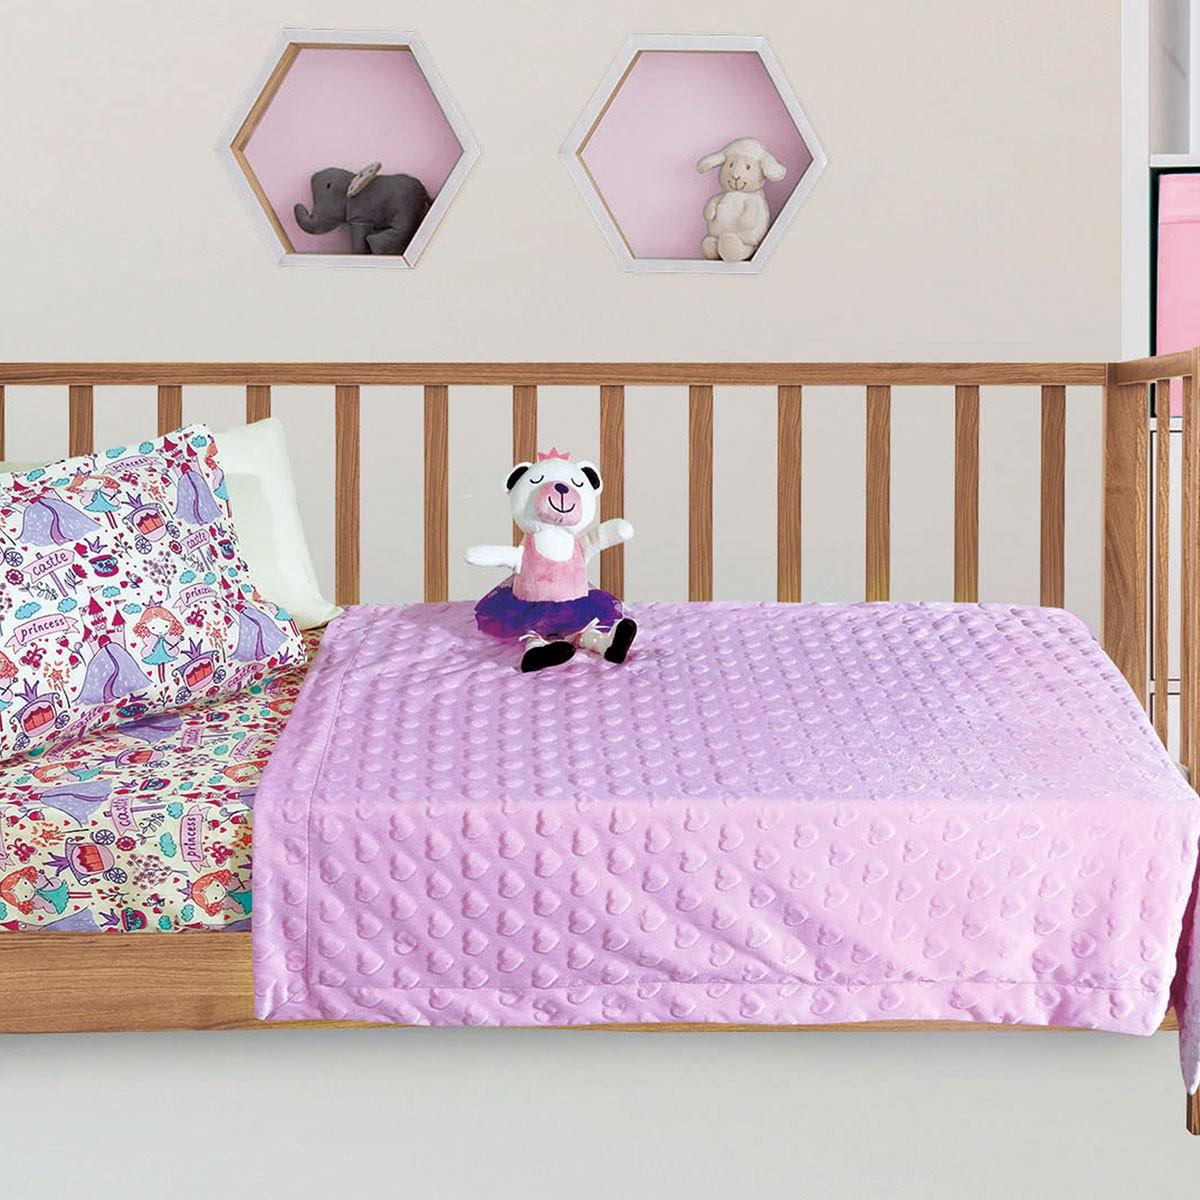 Κουβέρτα Fleece Κούνιας Das Home Relax Line 6364